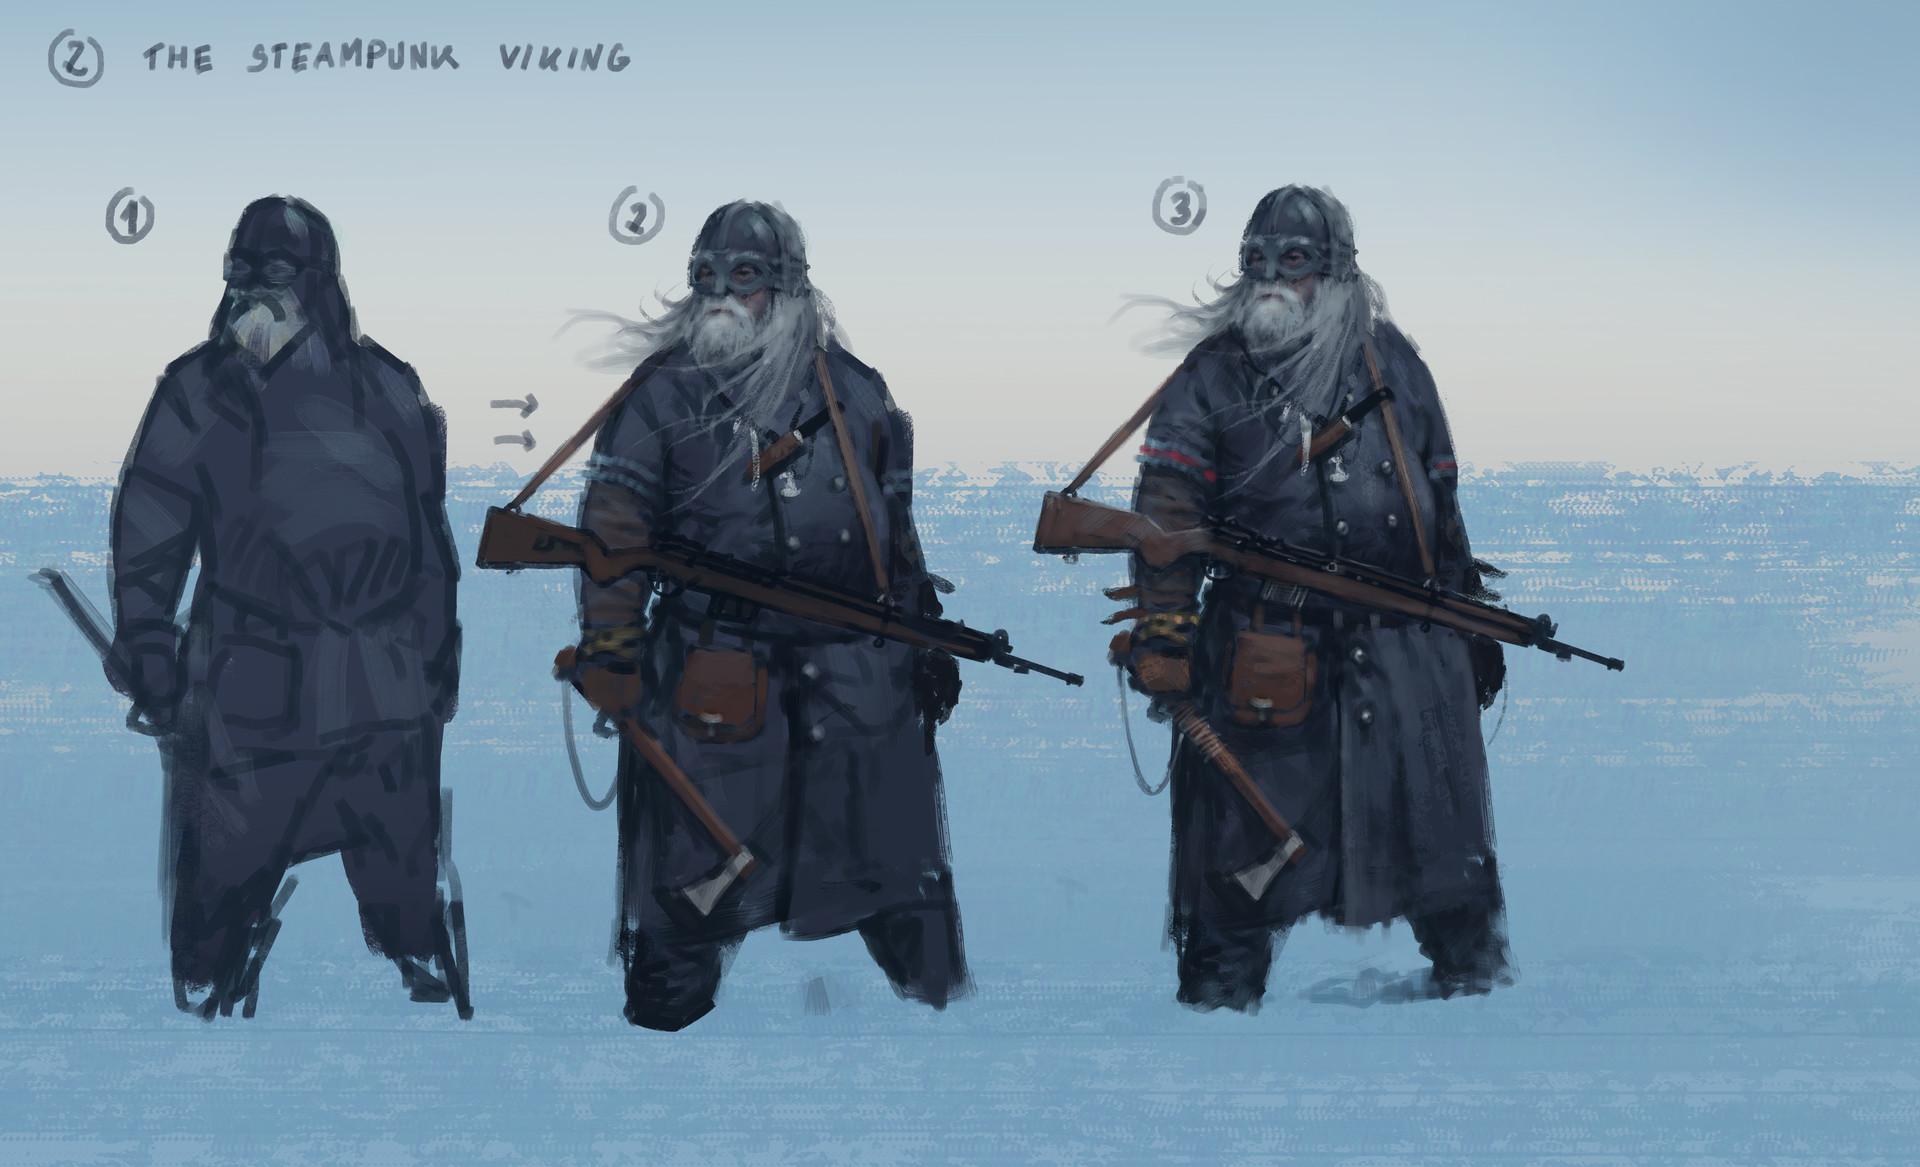 Jakub rozalski steampunk viking02